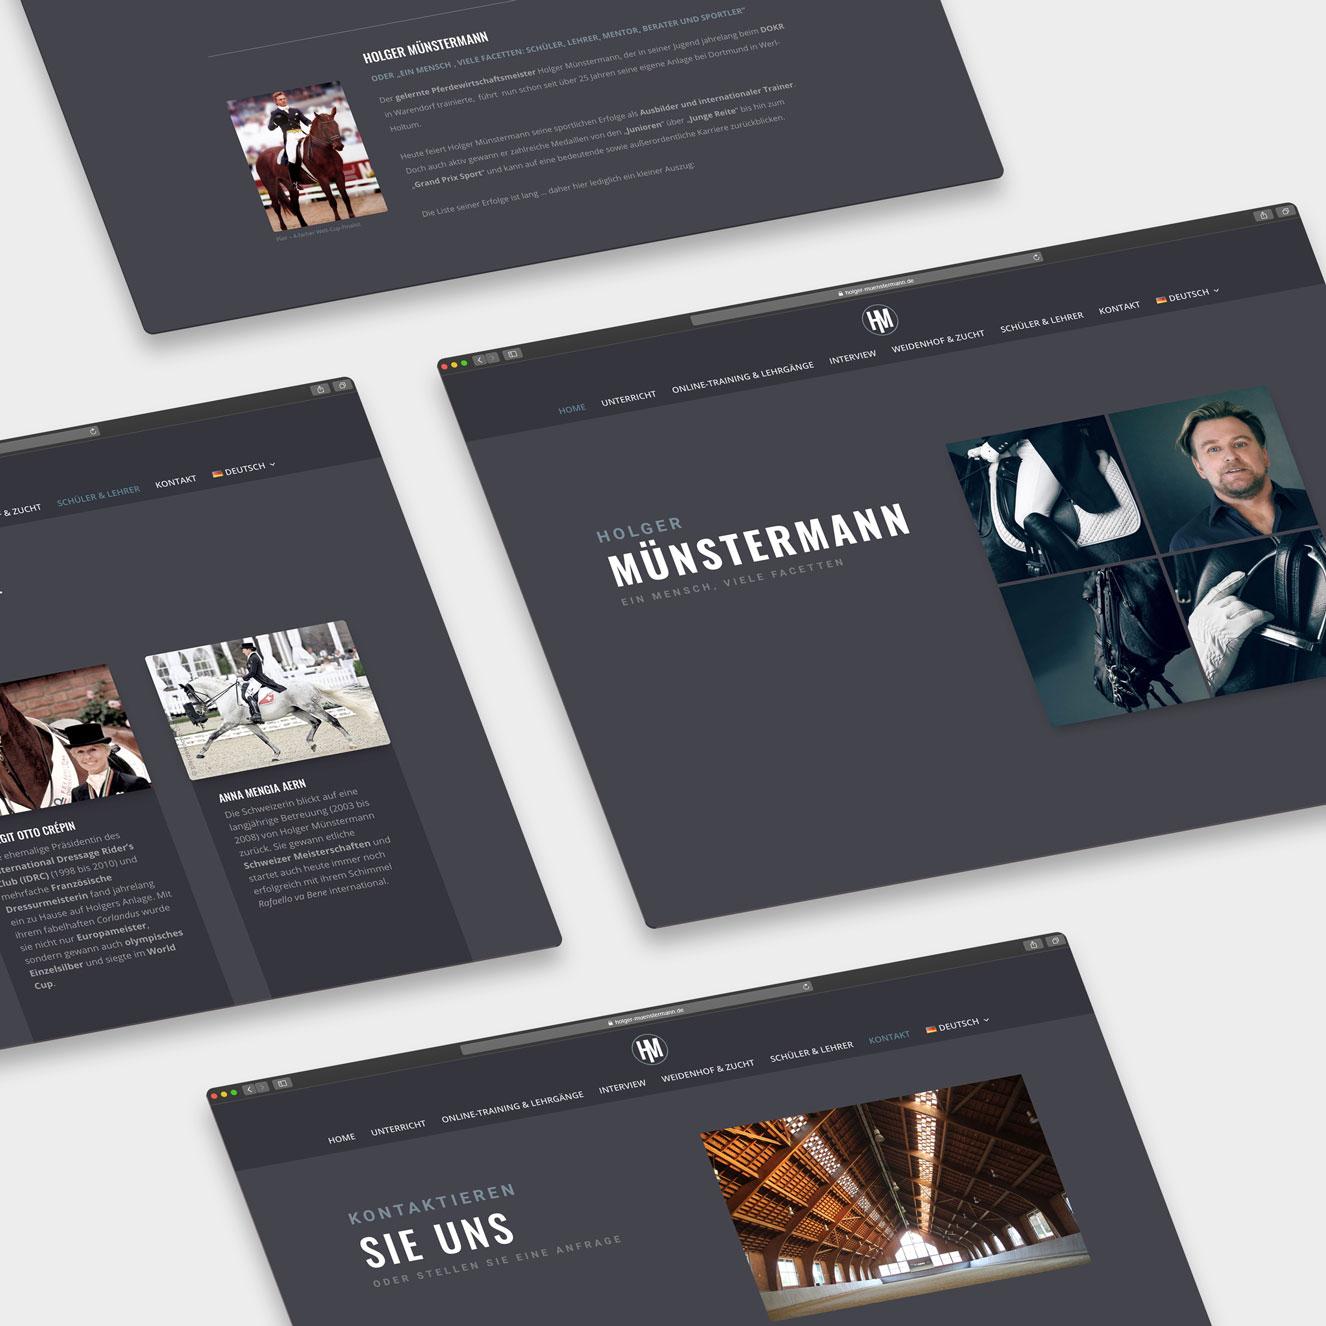 1313 multimedial Grafikdesign Webdesign Sauerland Arnsberg Holger Muenstermann